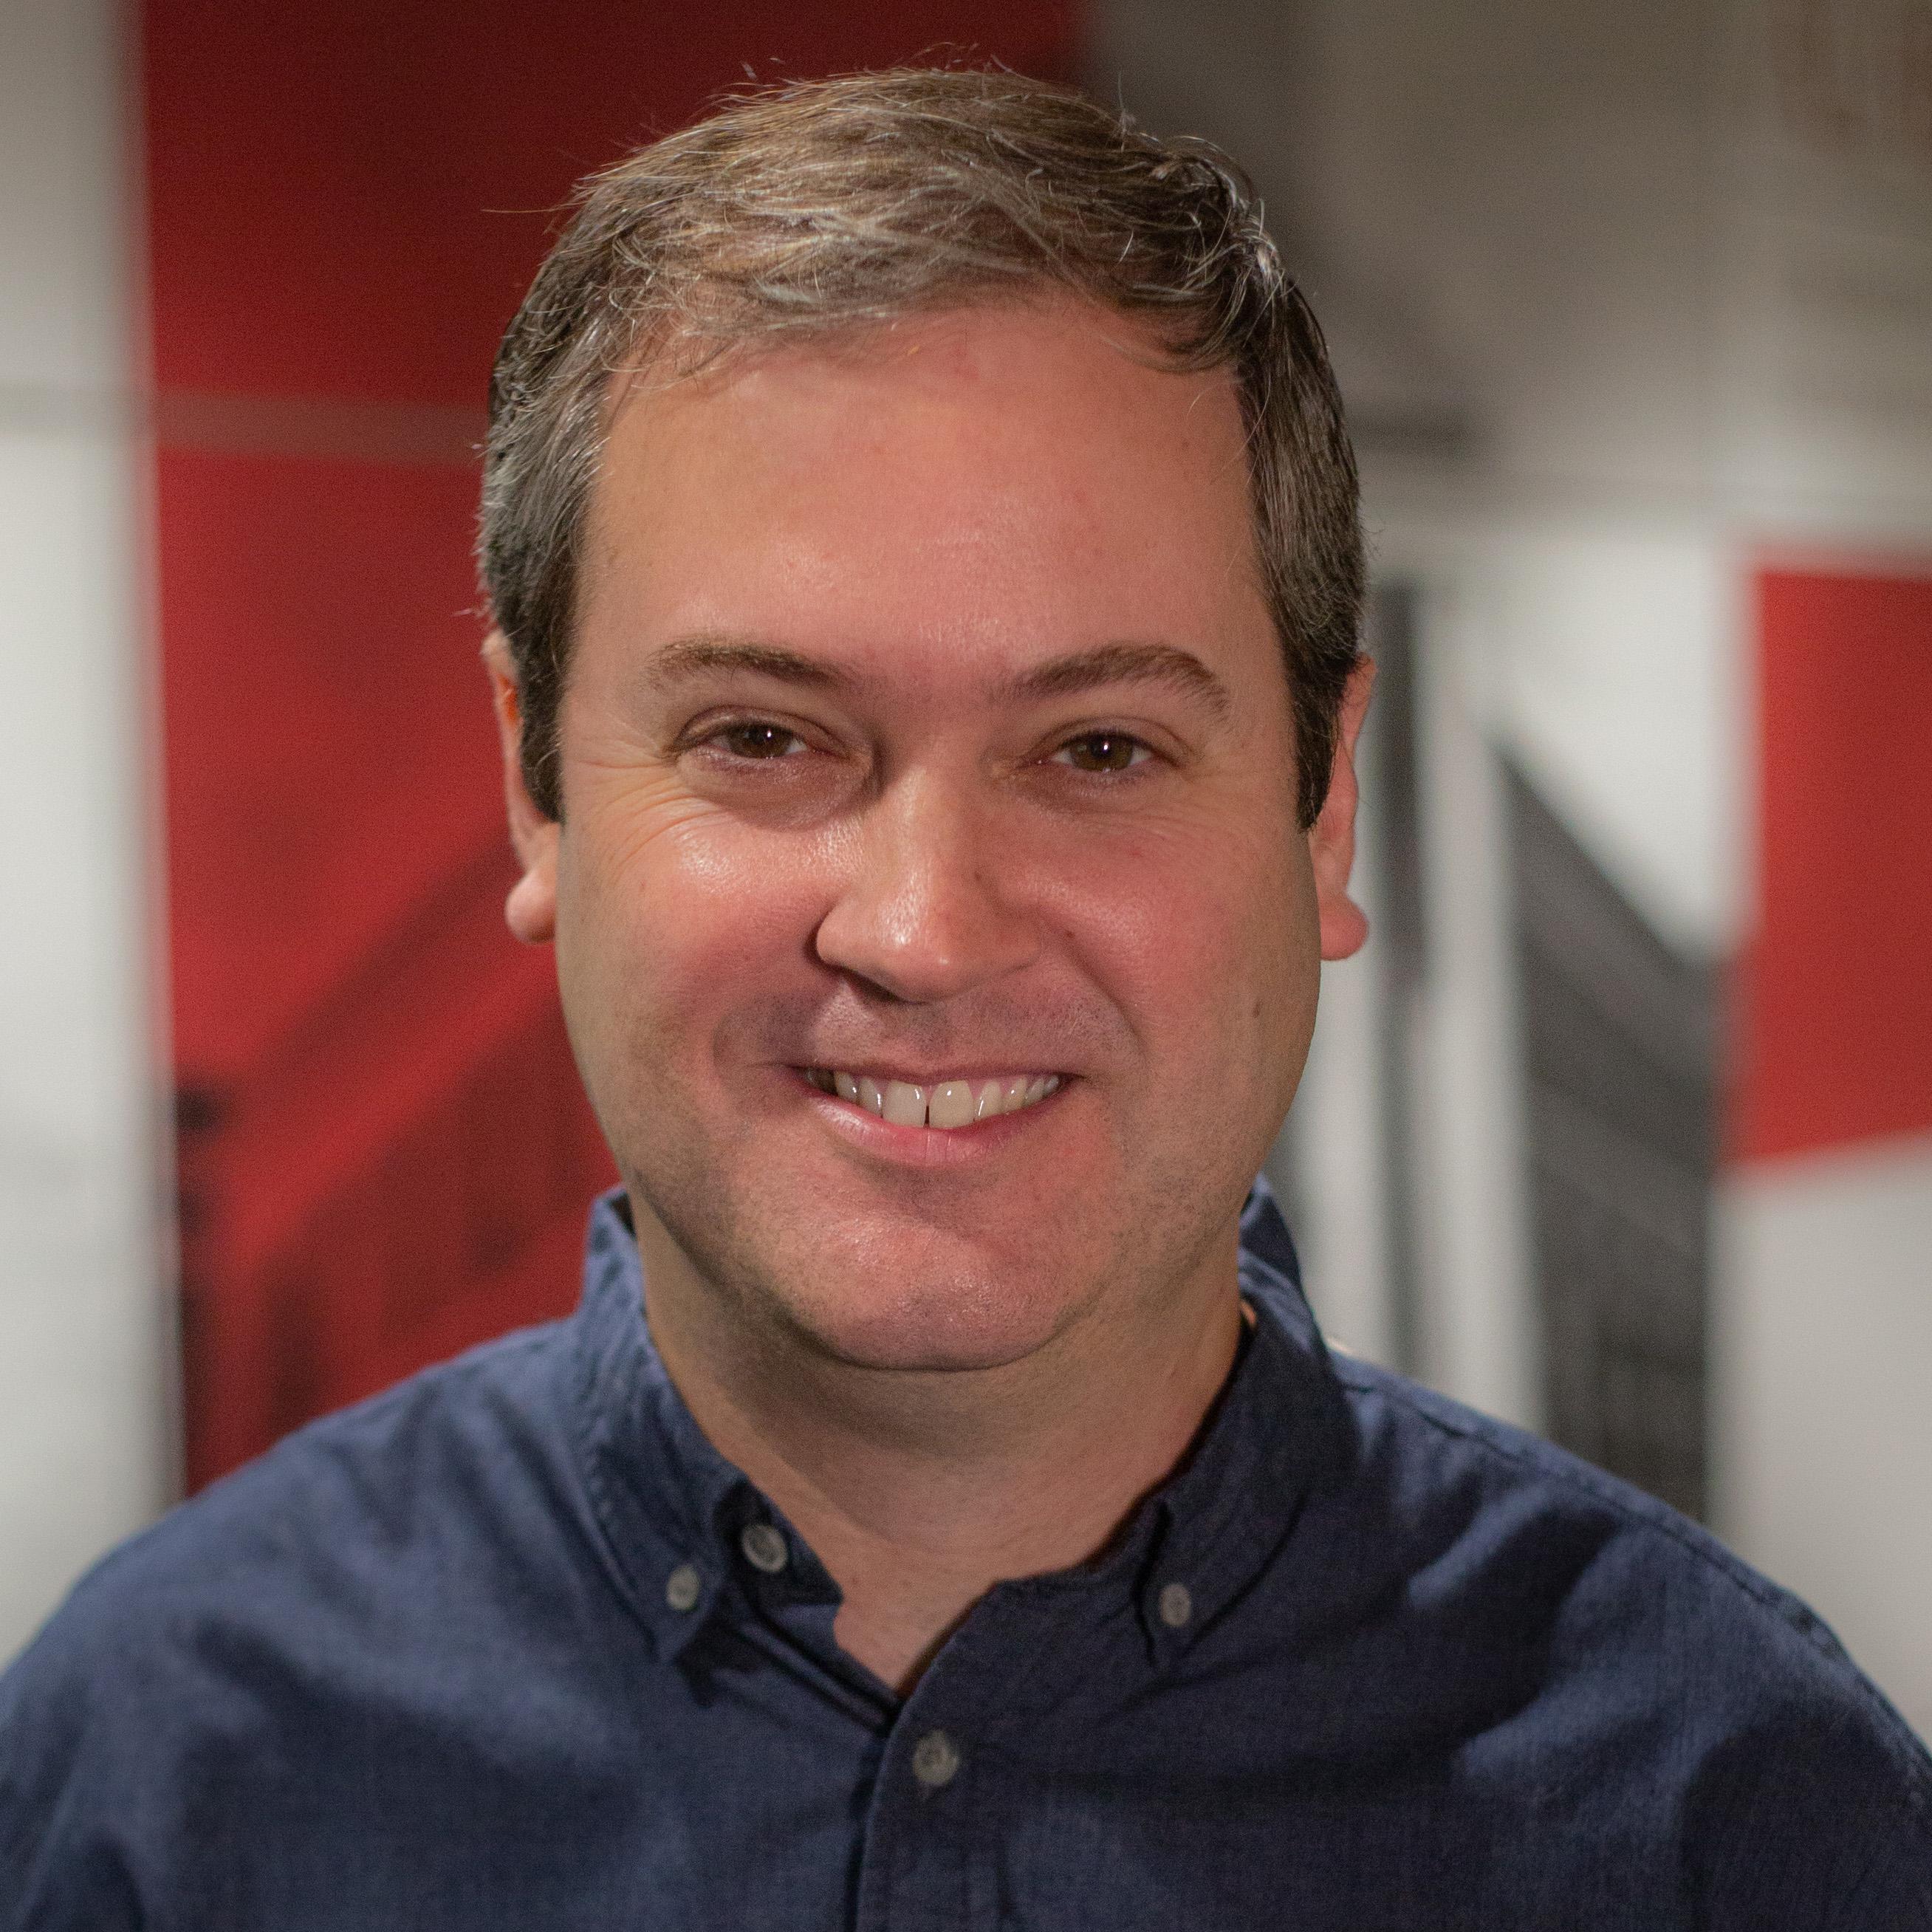 Rob Briscoe